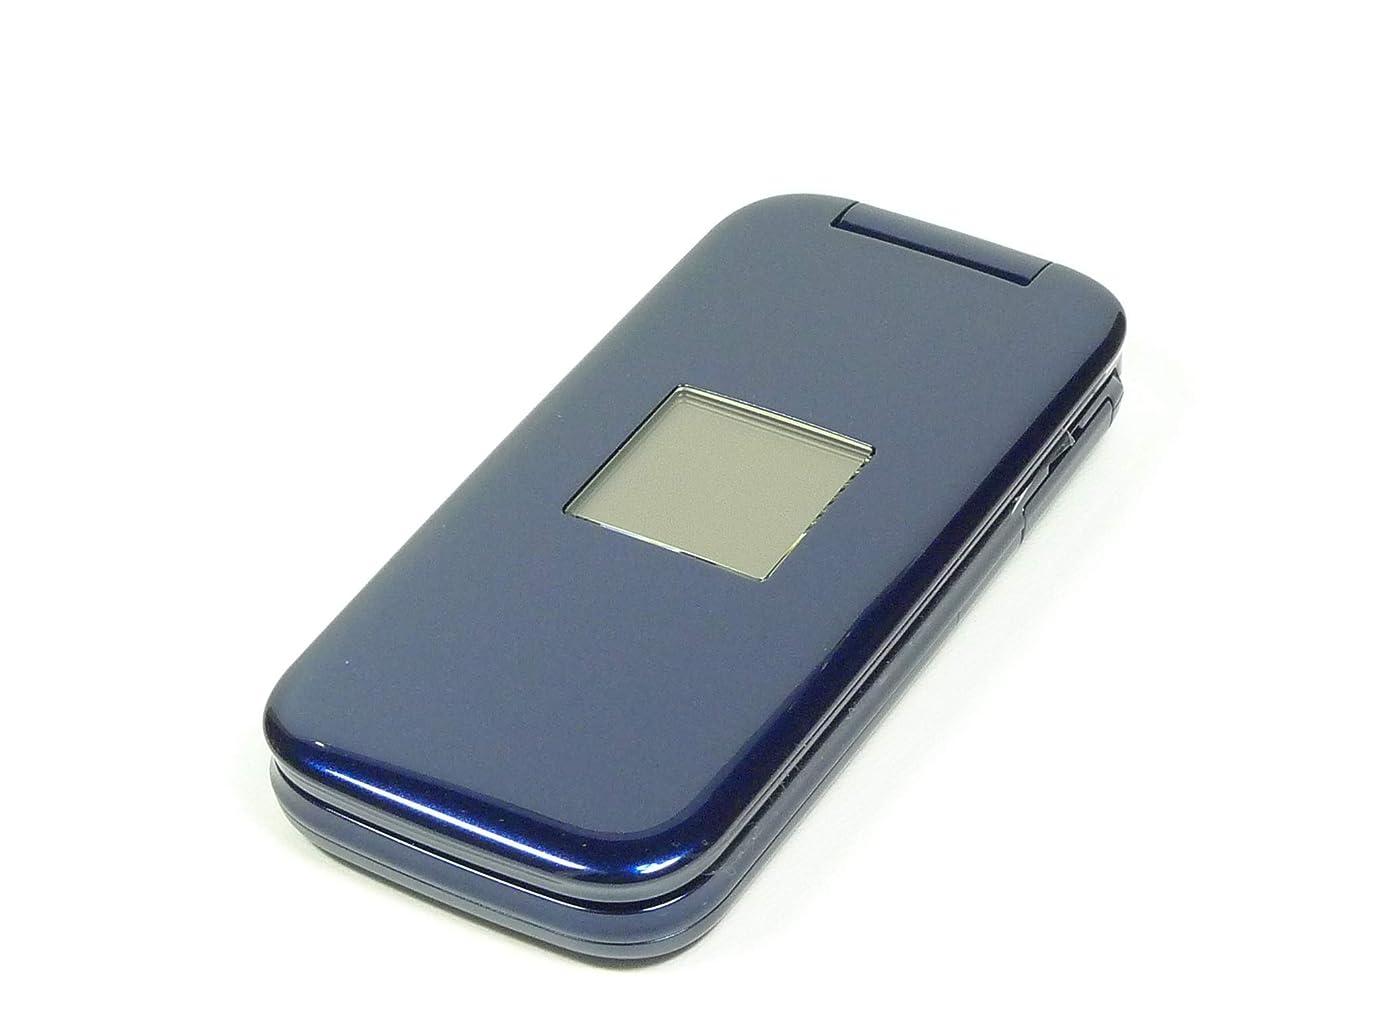 日曜日簡略化する呼吸NichePhone-S 4G 専用 IDカードホルダー 本体守る 携帯便利 ニッチフォン-S専用 (ブラウン)